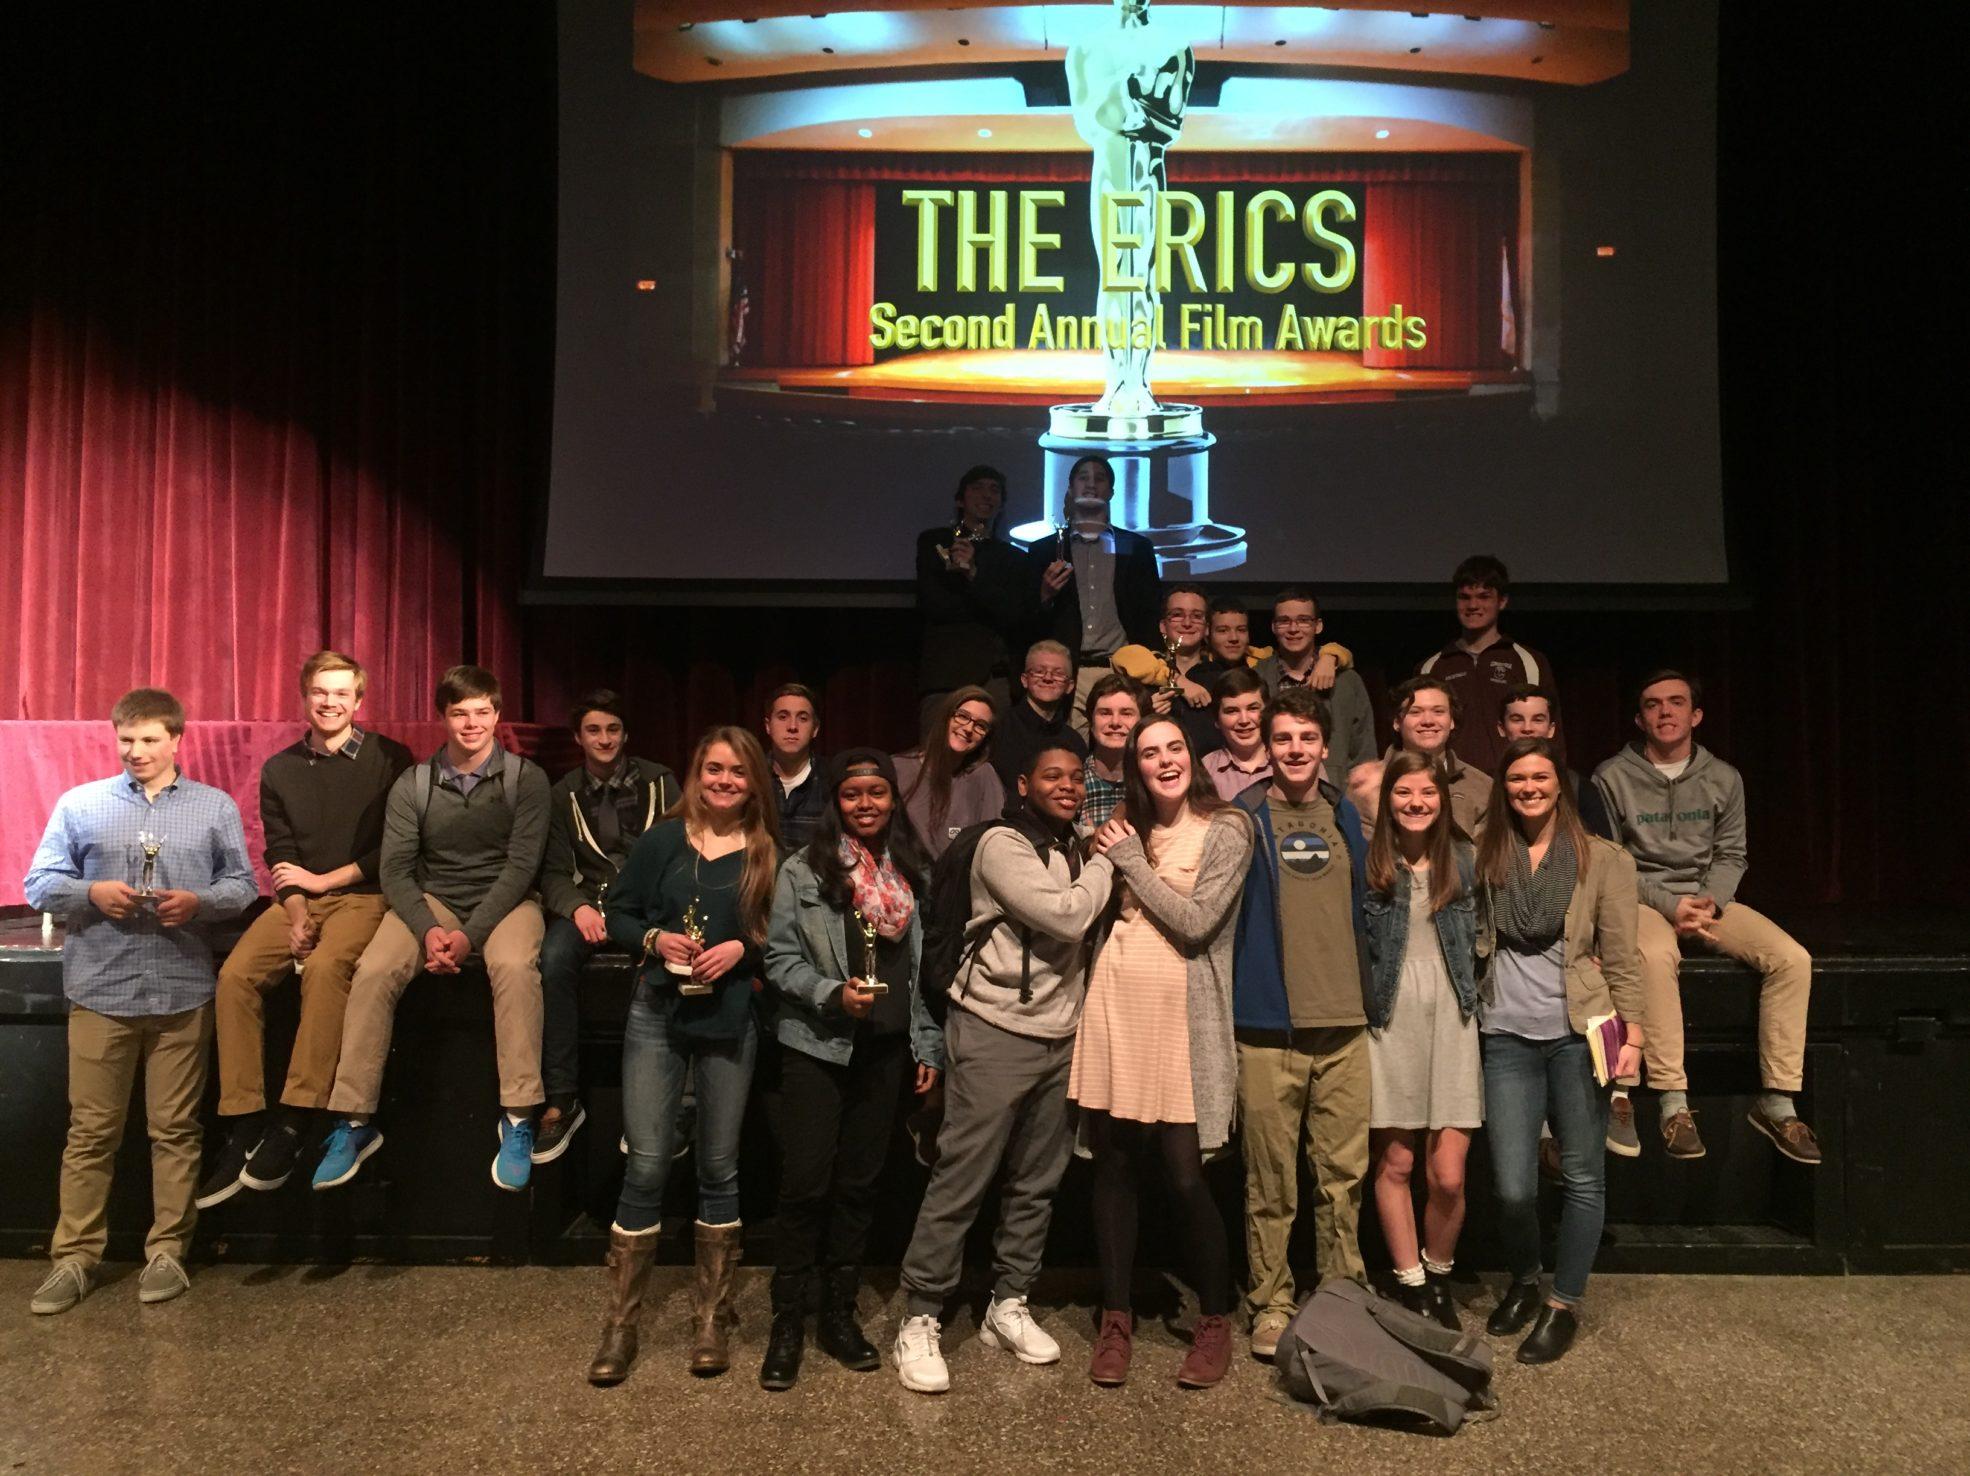 The 2017 Eric Awards